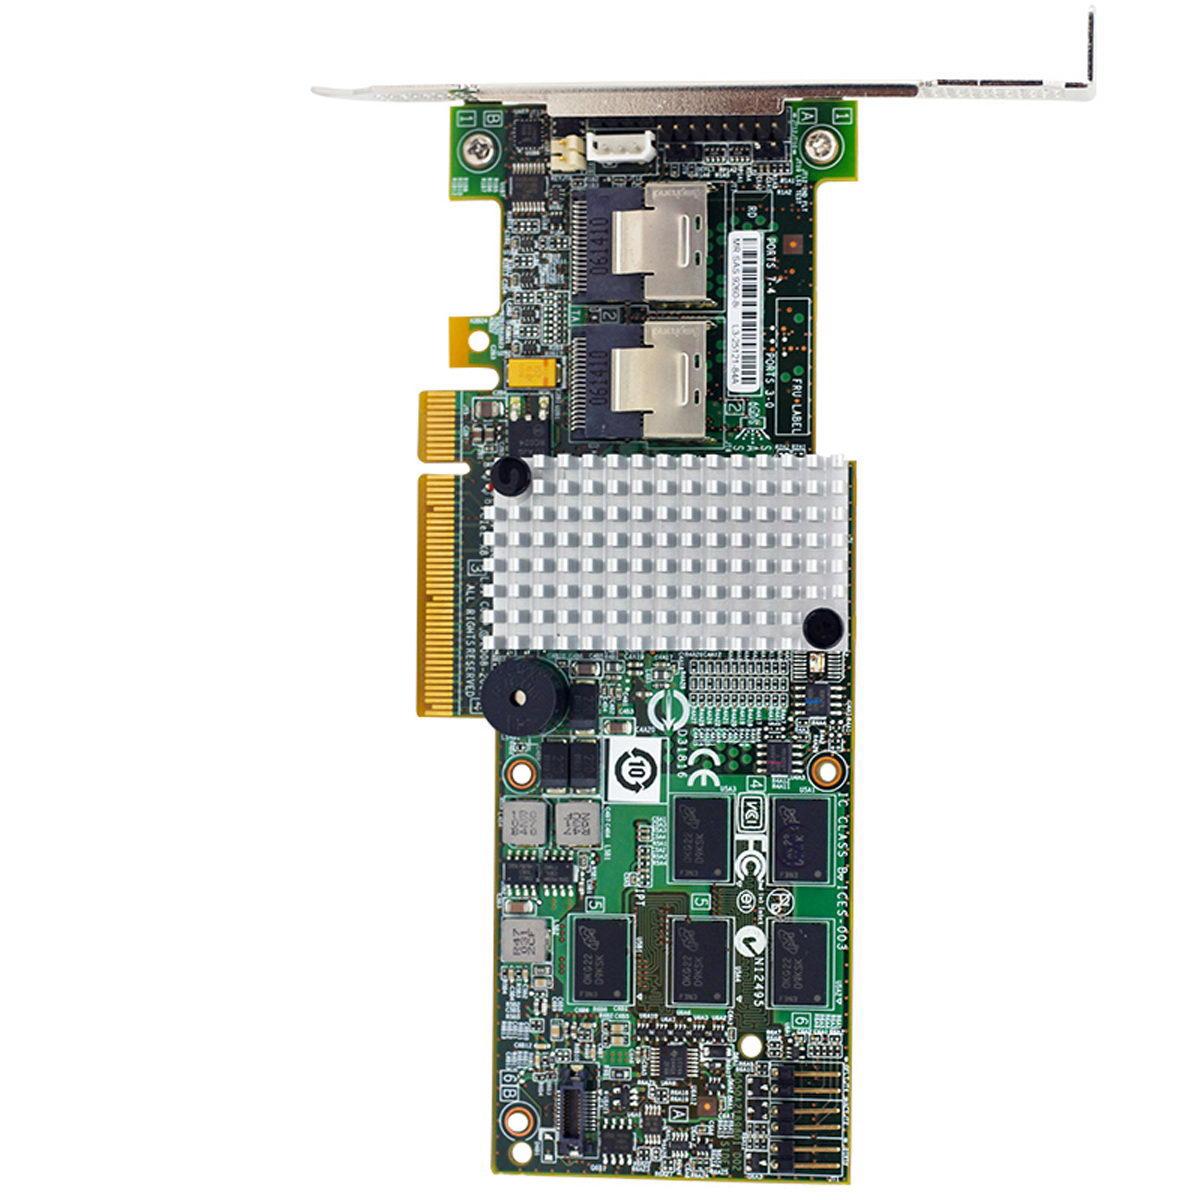 PCIE adaptador SAS LSIMegaRAID LSI 9260-8i LSI00198 8 port 512MB caché SFF8087 6Gb RAID0.1.5.6 PCI-E 2,0 X8 controlador de tarjeta de